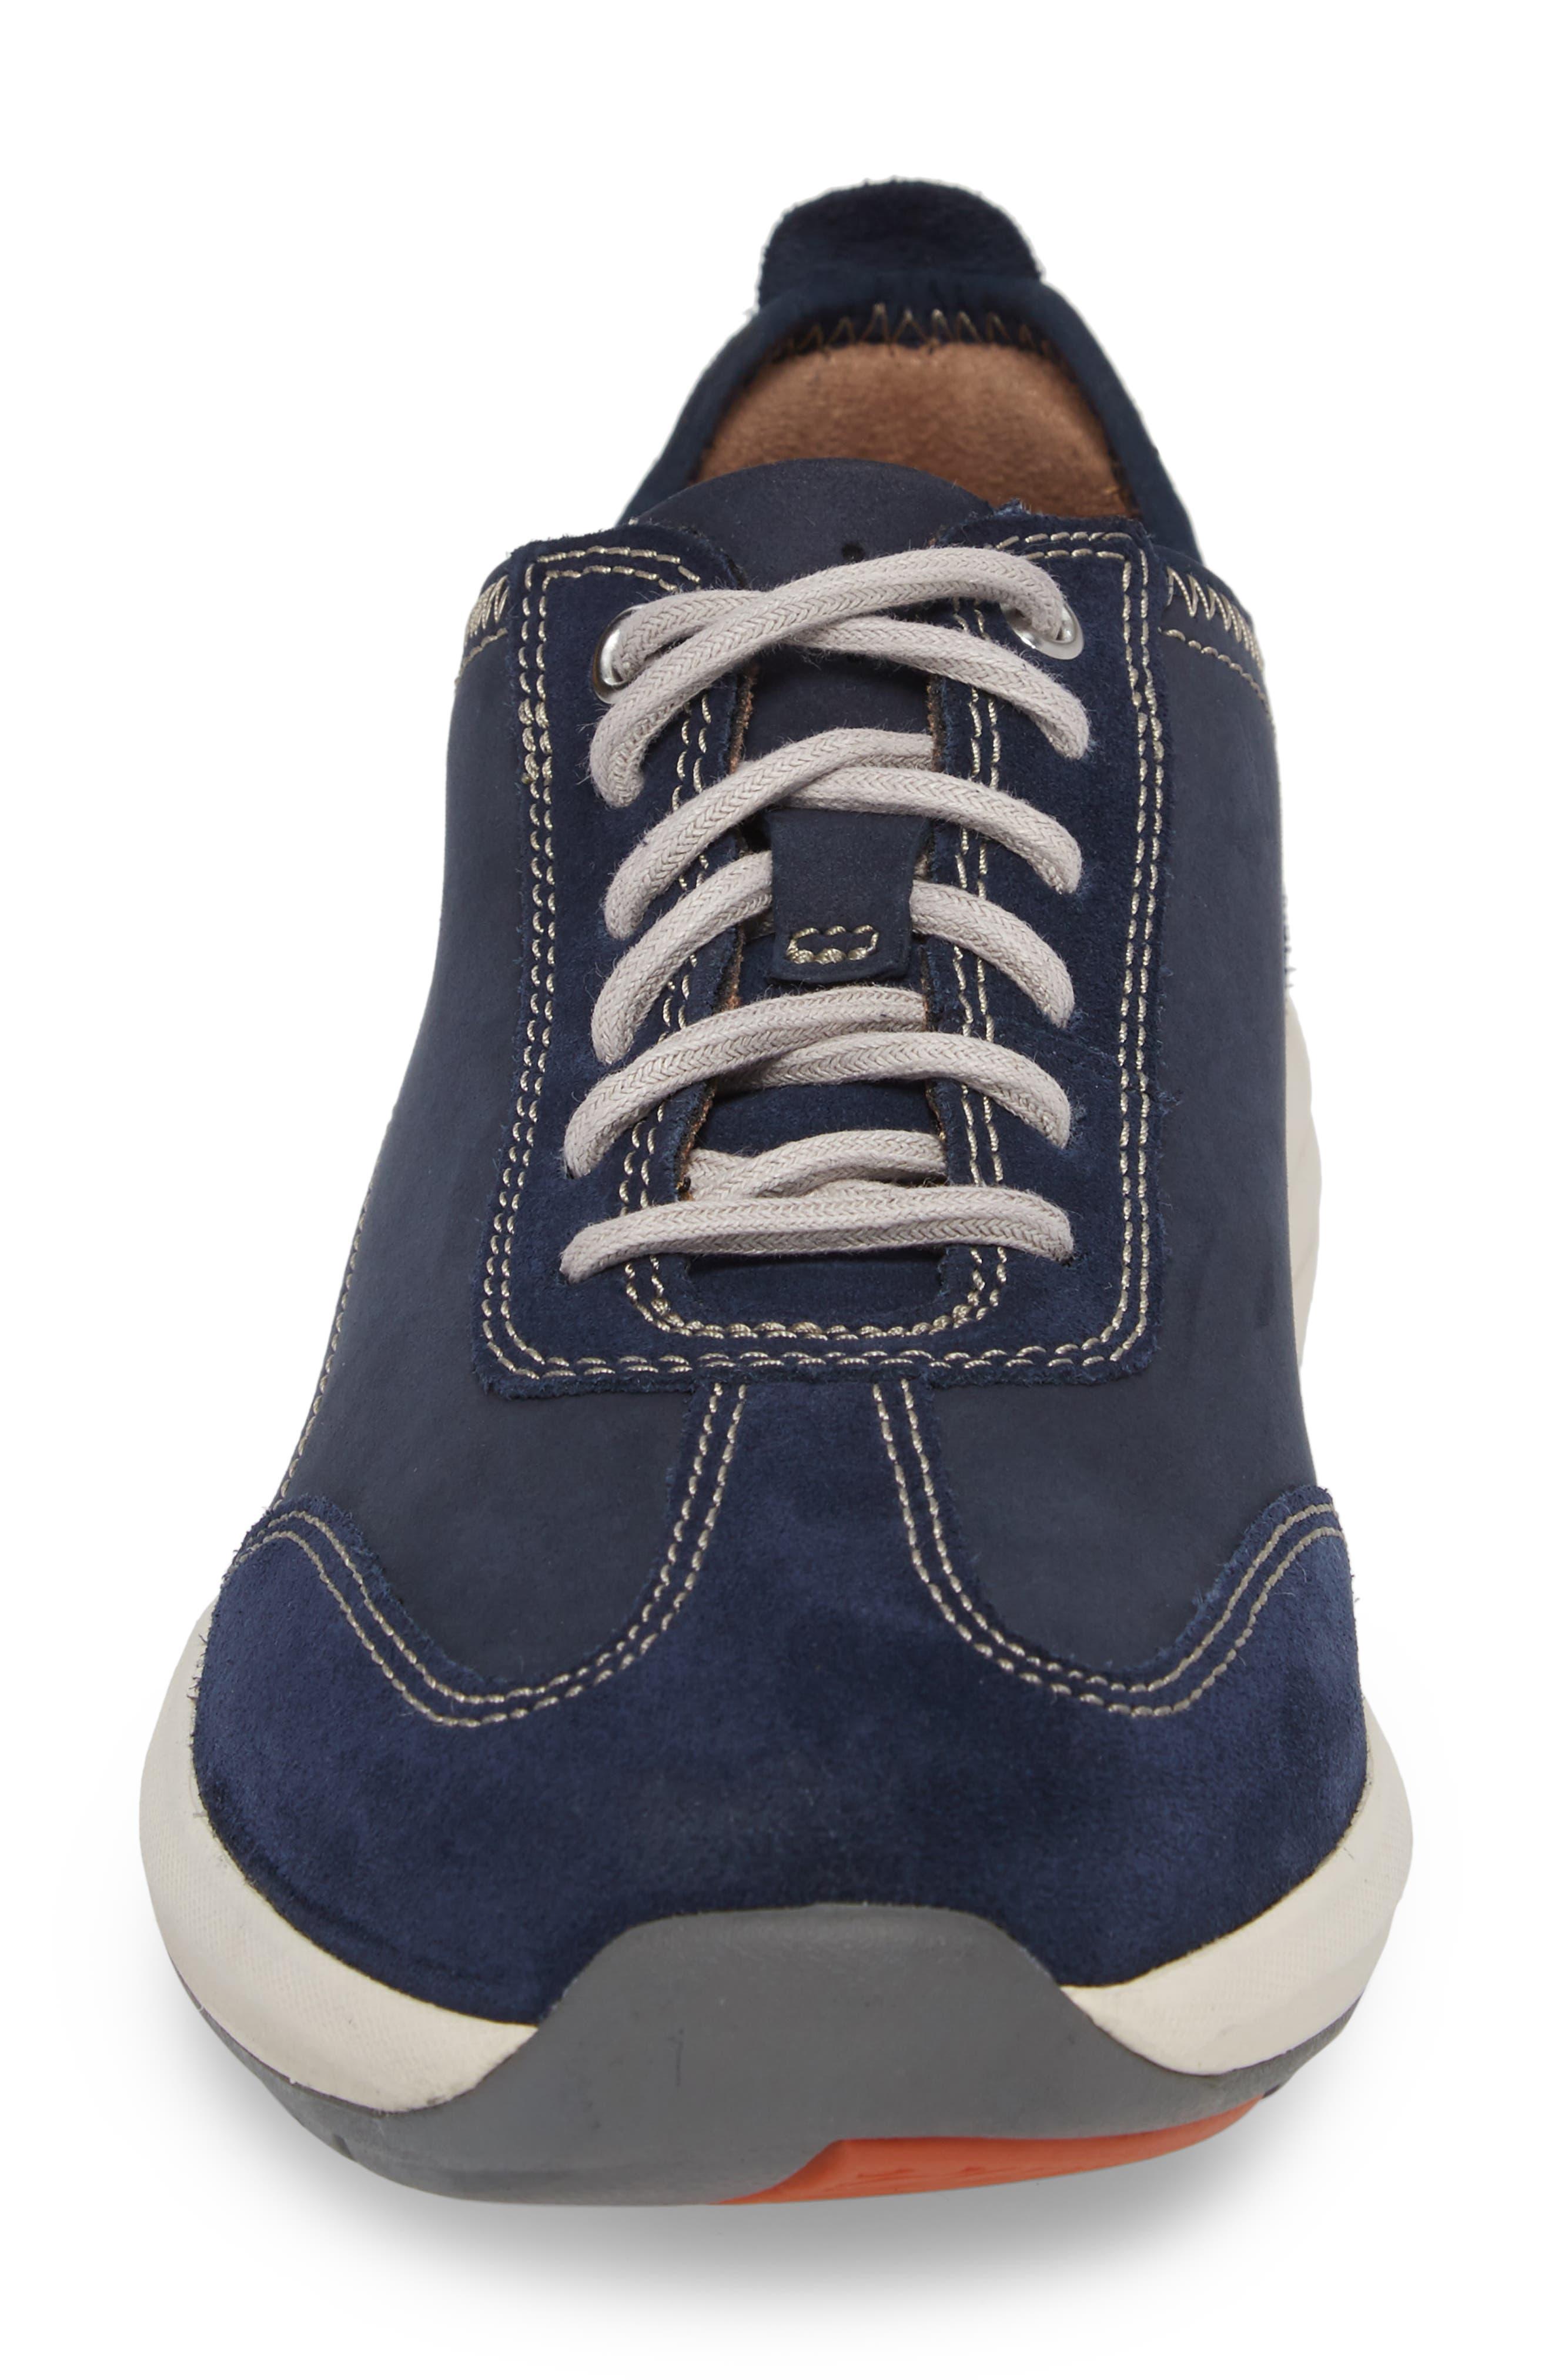 Clarks<sup>®</sup> Un Coast Low Top Sneaker,                             Alternate thumbnail 8, color,